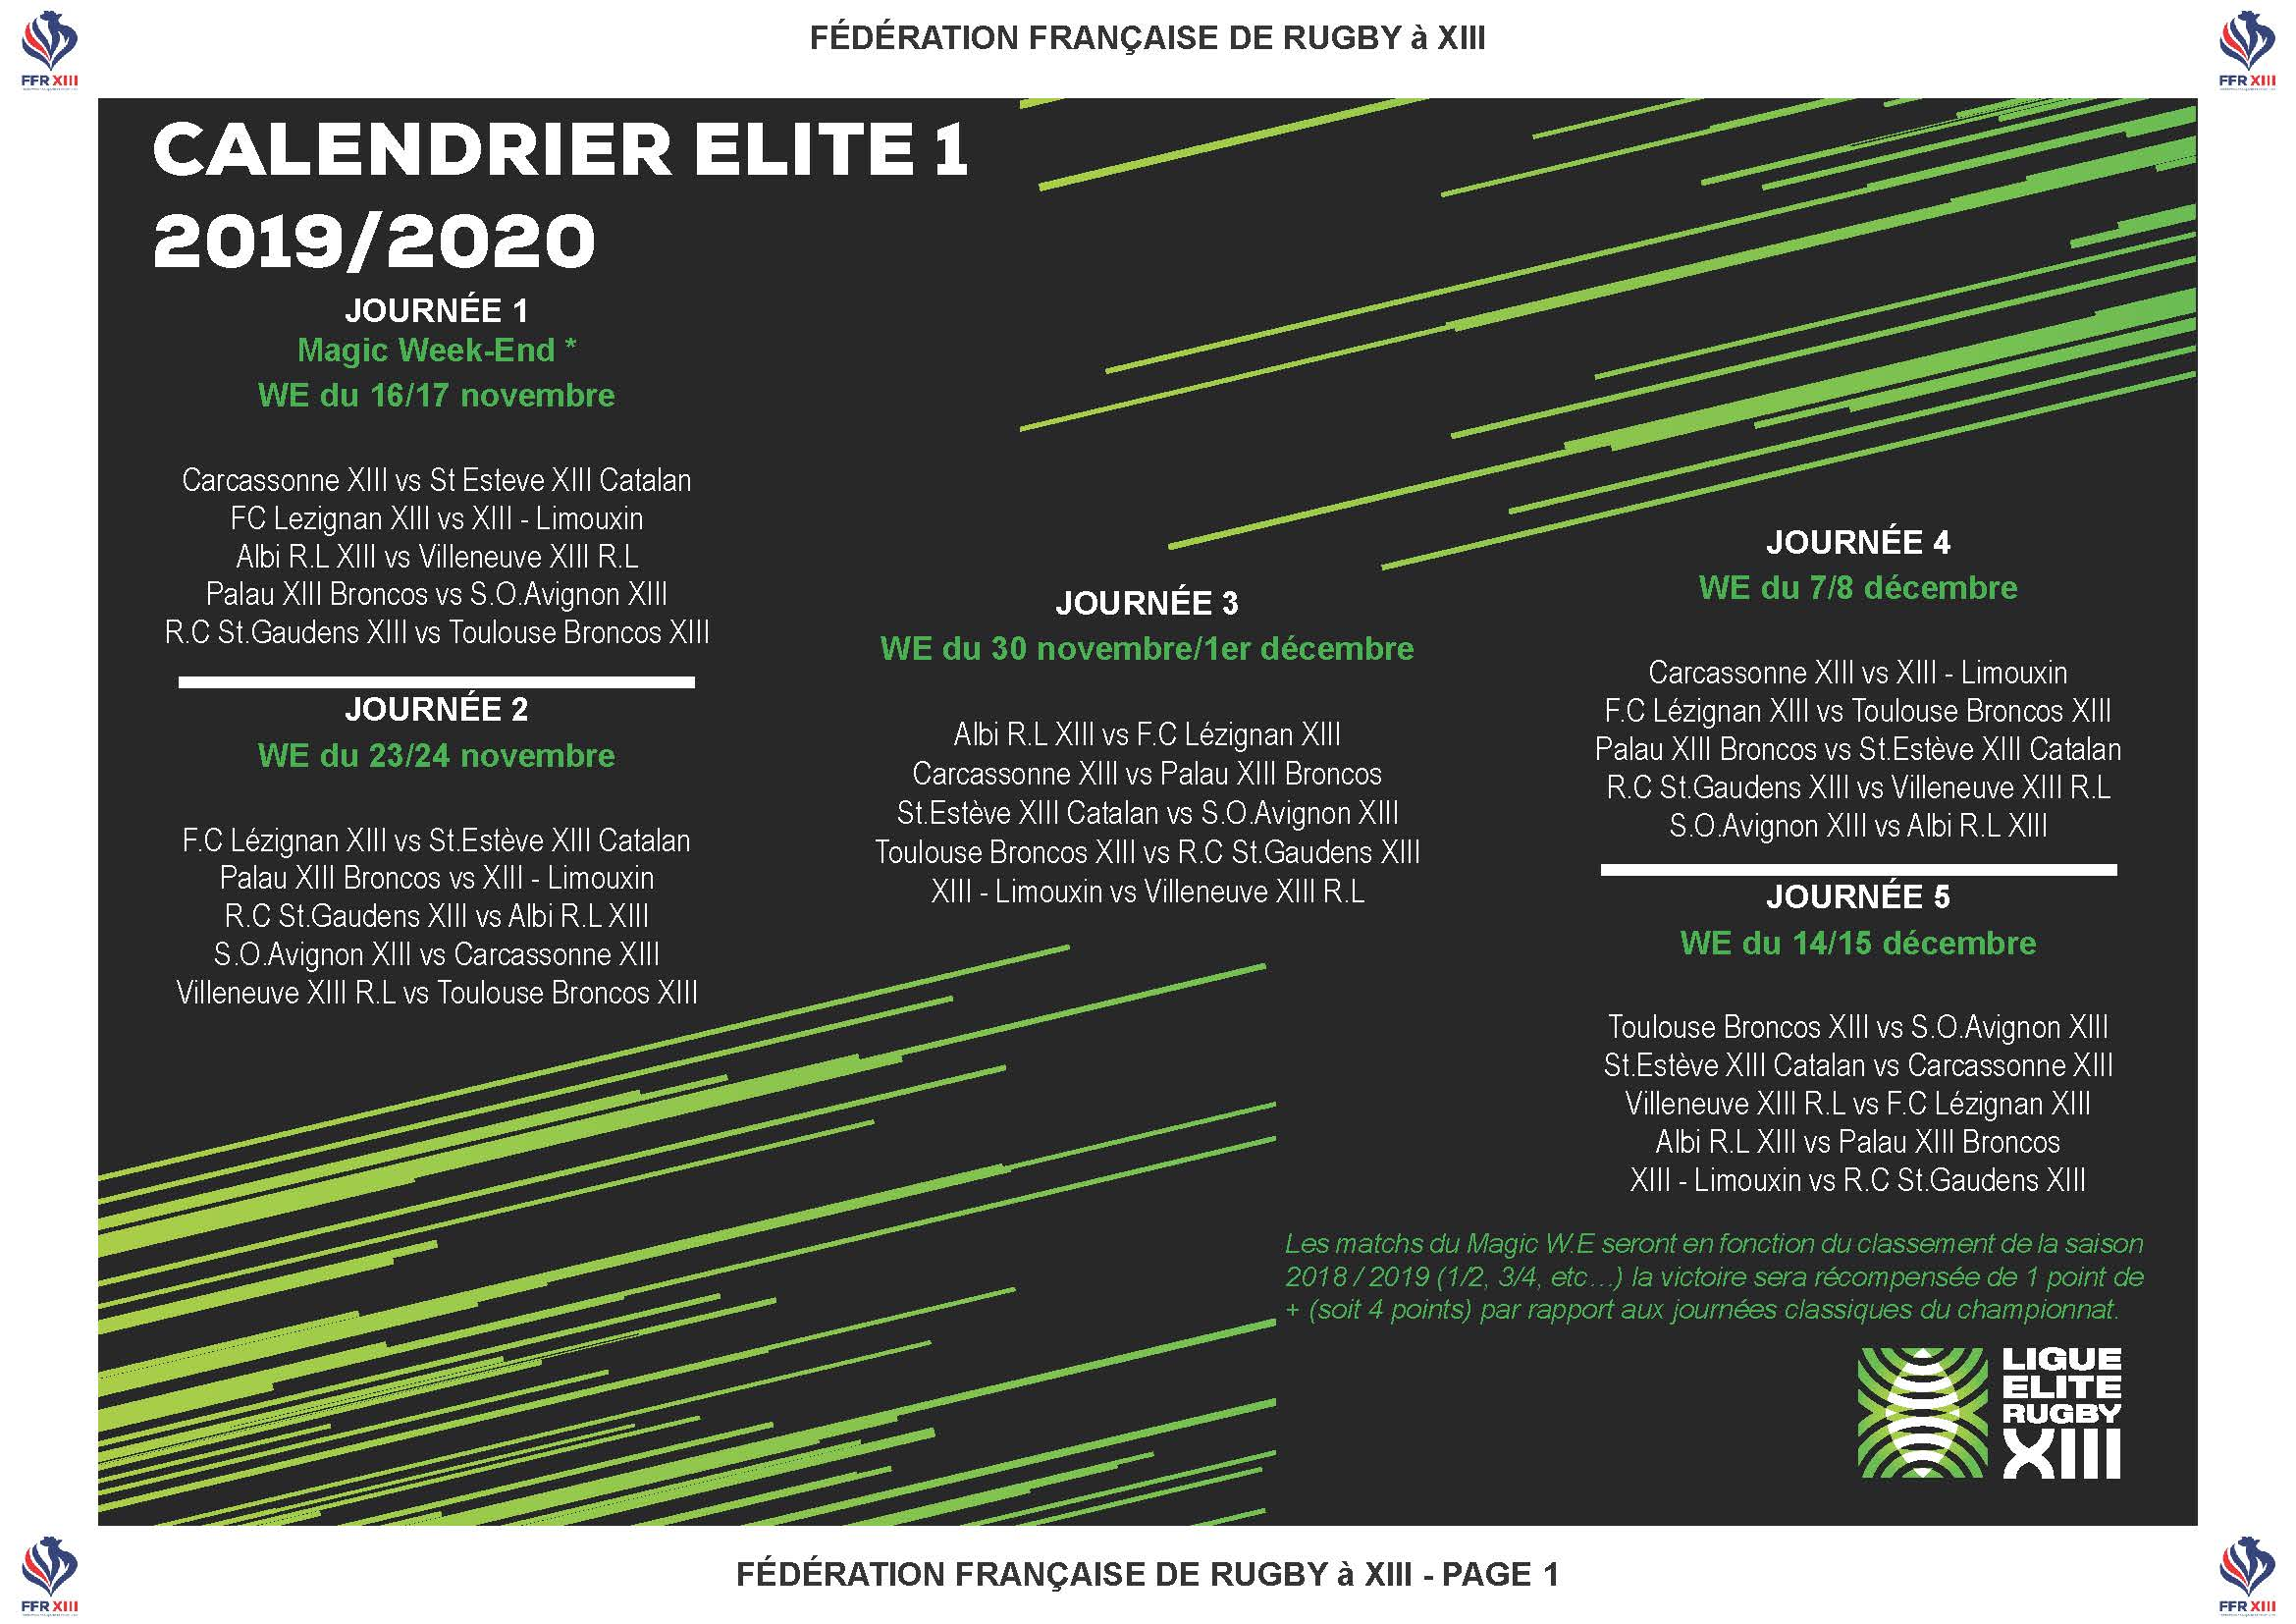 Coupe Du Monde Des Clubs 2020 Calendrier.Calendrier 2019 2020 Pour L Elite 1 La Revanche Pour